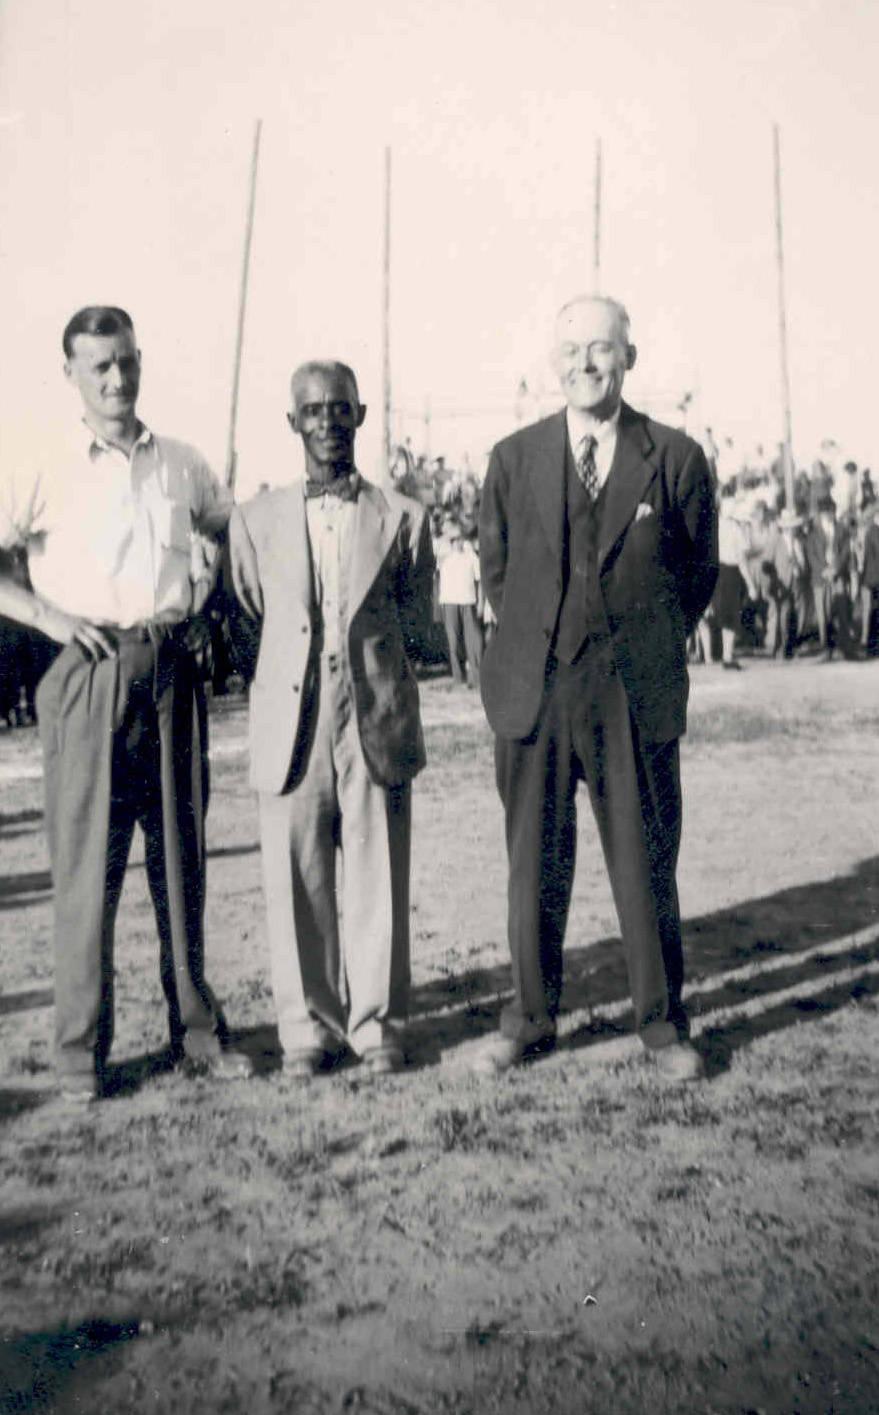 Jack Mackie, Jeff (J.D.) Edwards and B.W. Bellamy.